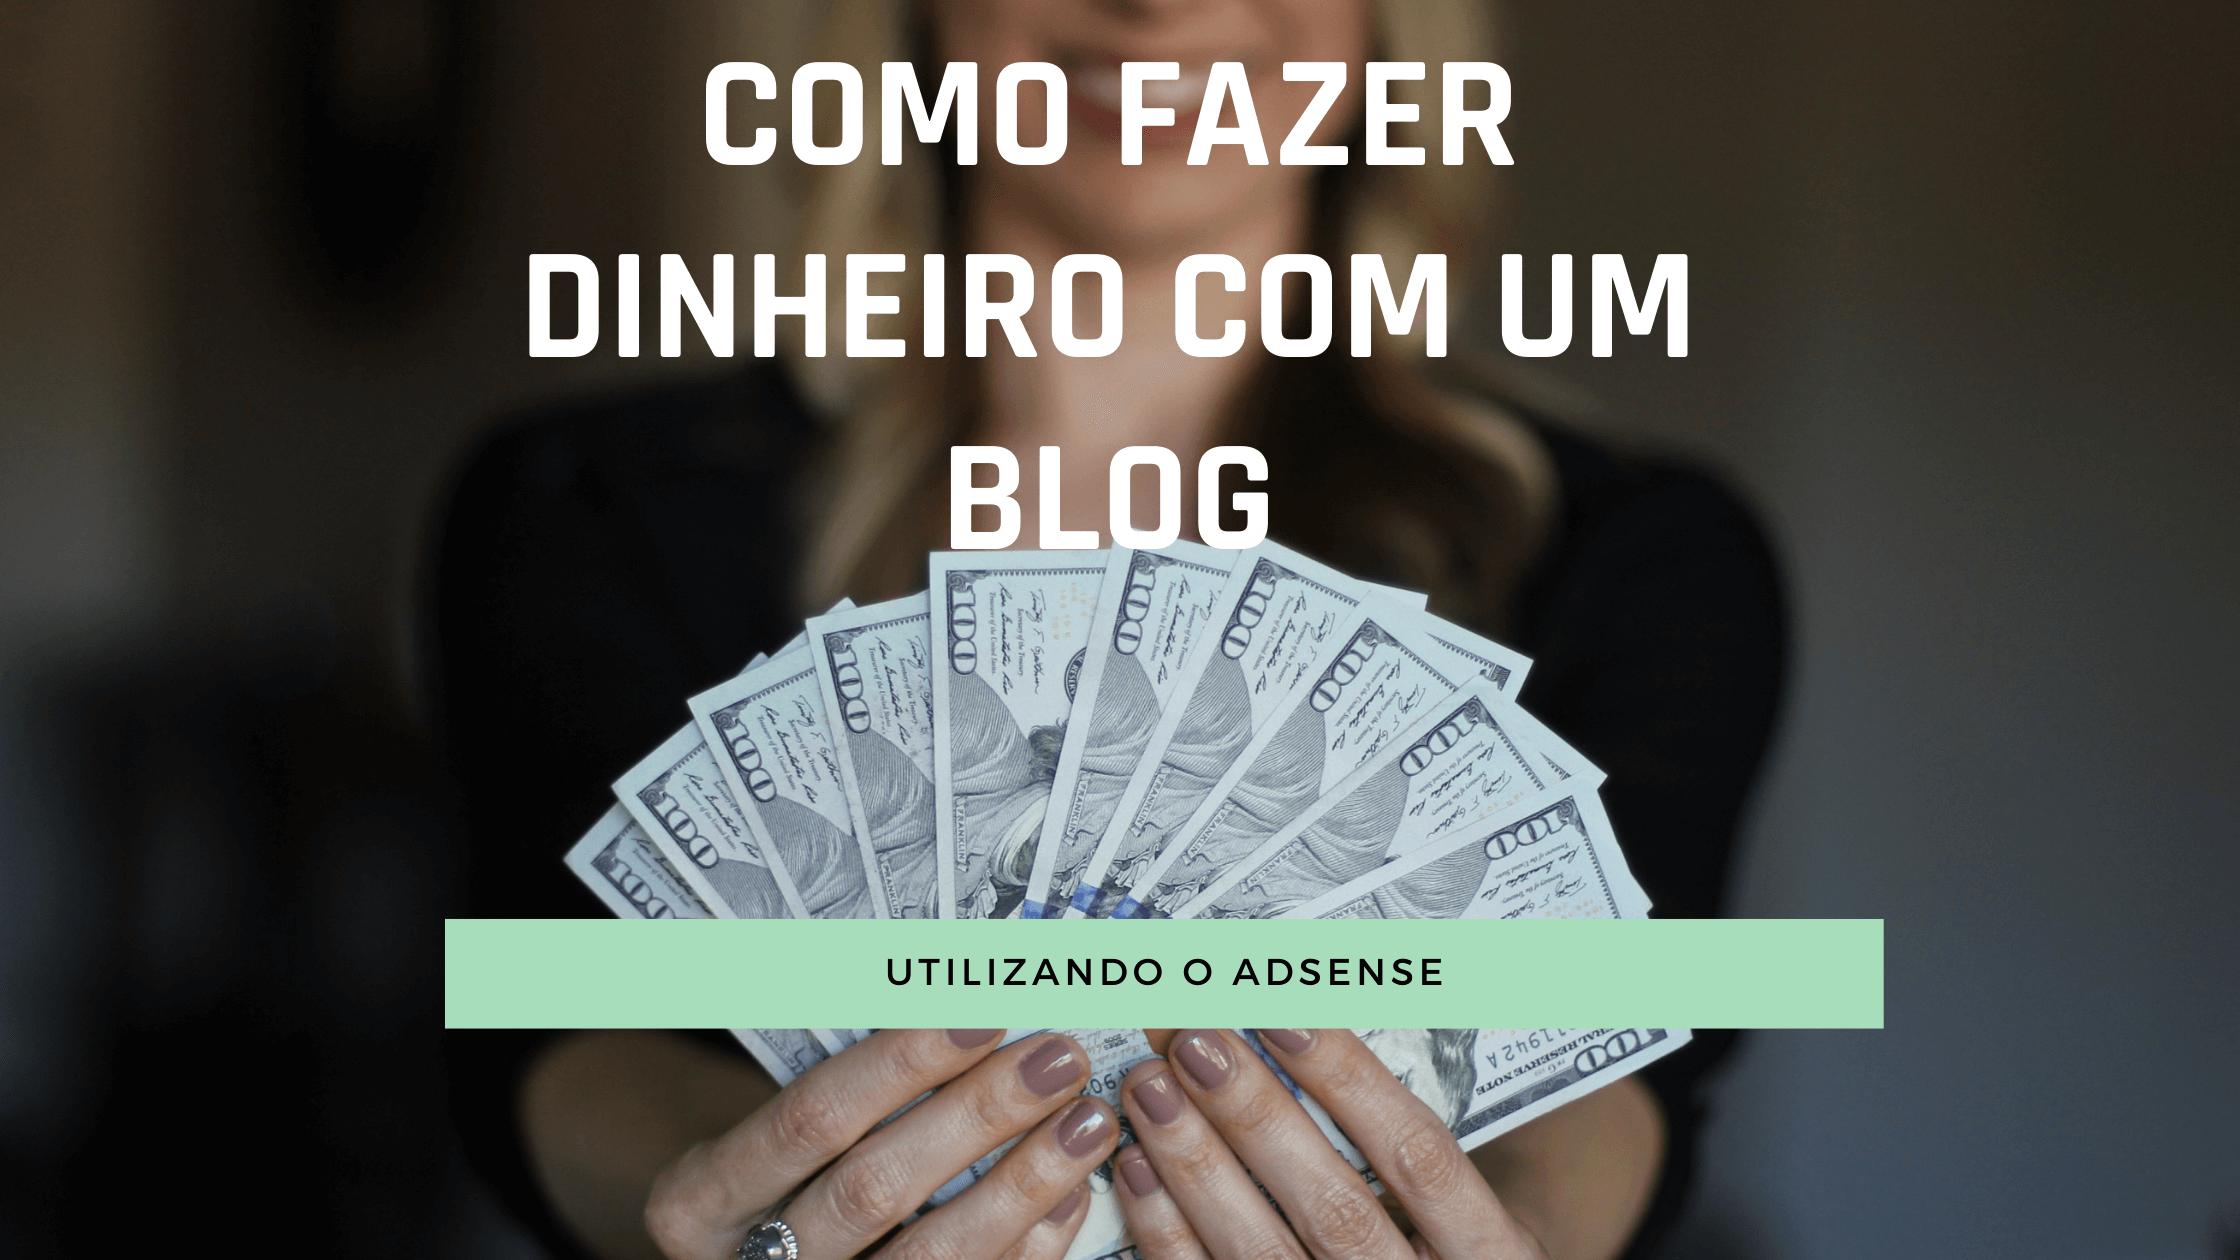 Adsense: Como fazer dinheiro com um blog